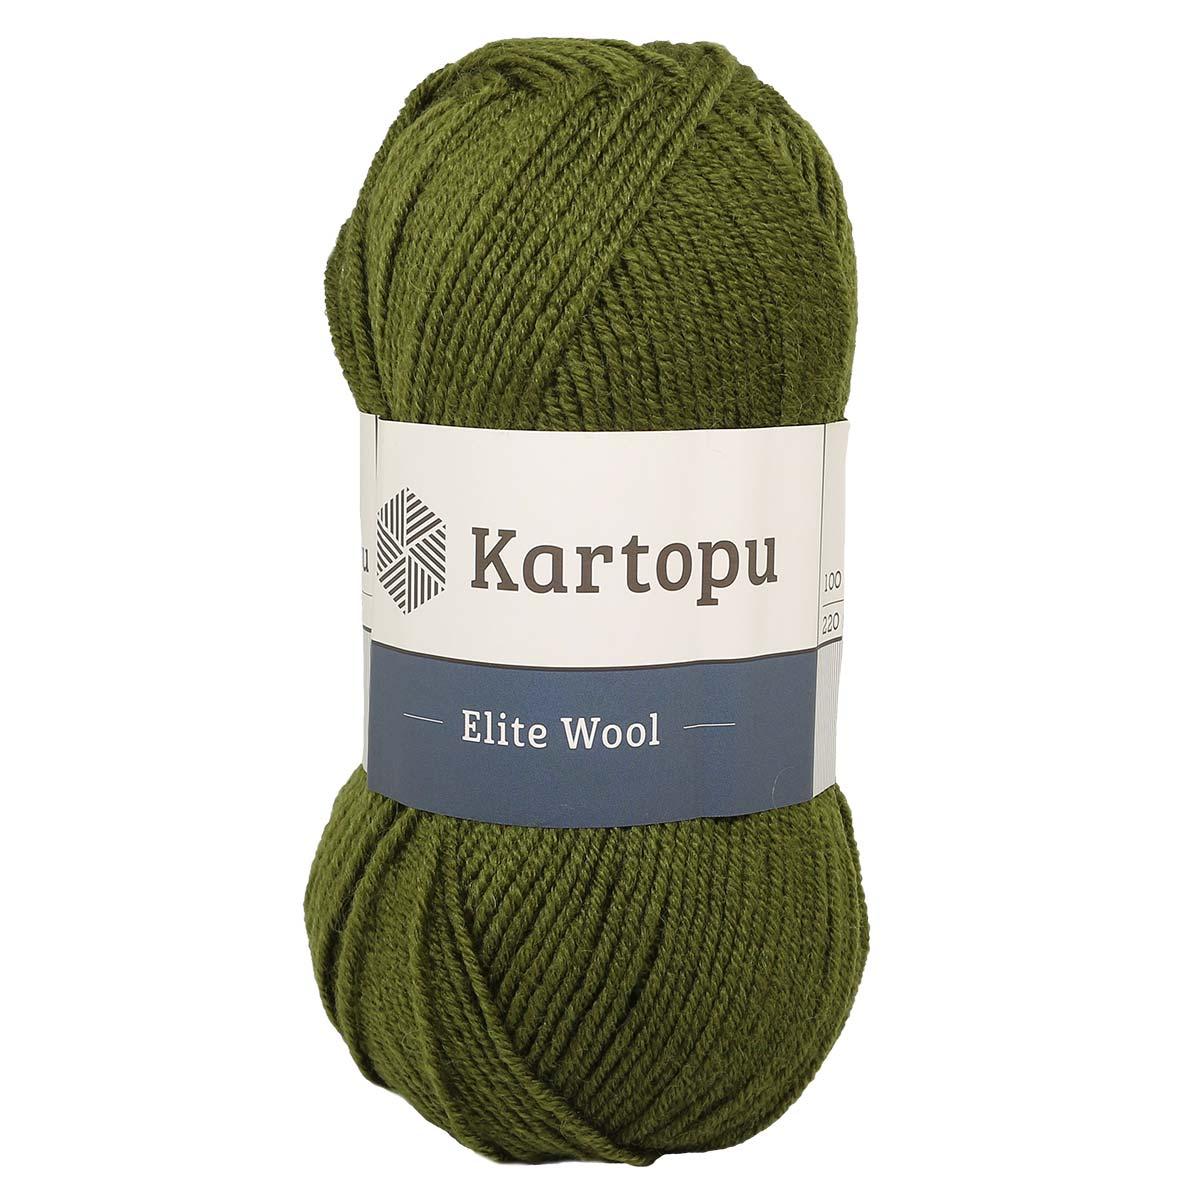 Пряжа KARTOPU 'Elite wool' 100г 220м (49% шерсть, 51% акрил)